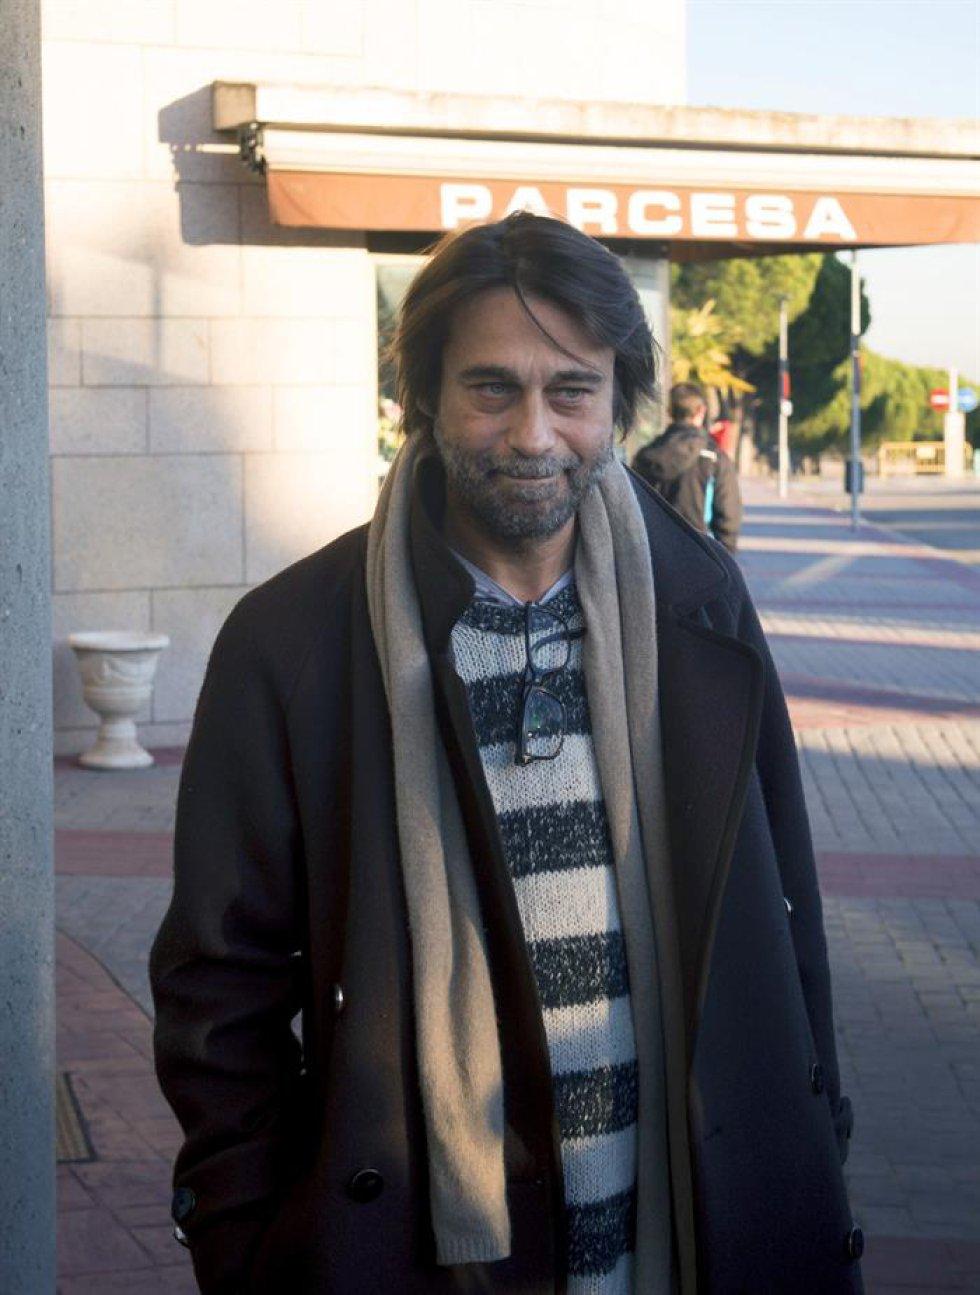 El actor Jordi Mollá a su llegada al tanatorio de La Paz.